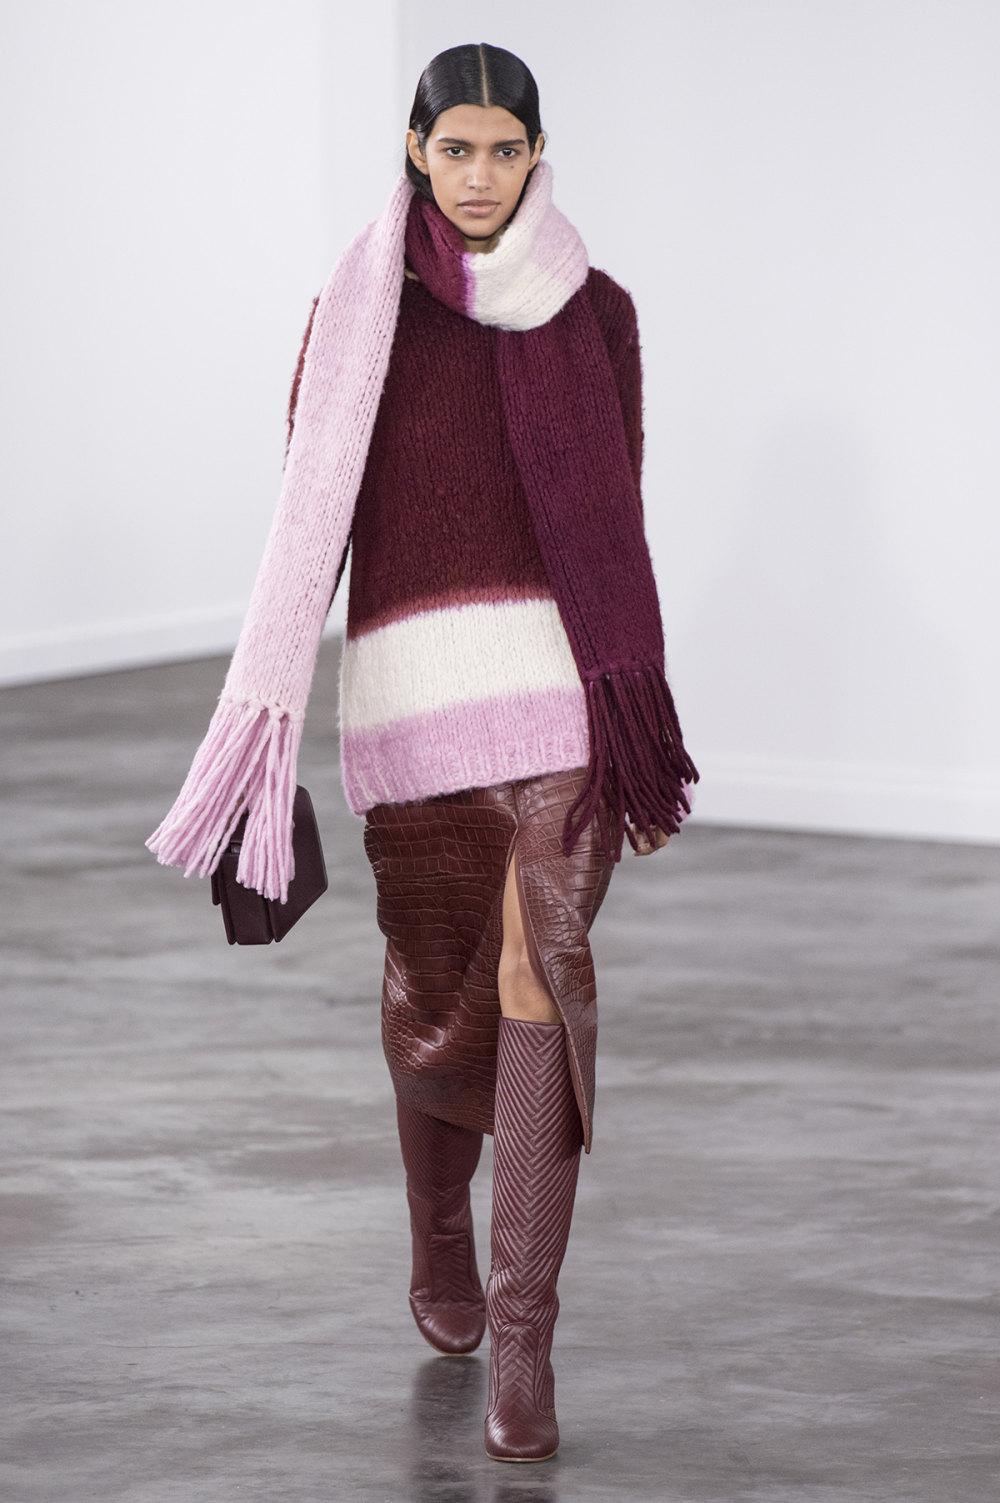 Gabriela Hearst时装系列细条纹西装和宽大毛衣之间形成鲜明对比-21.jpg